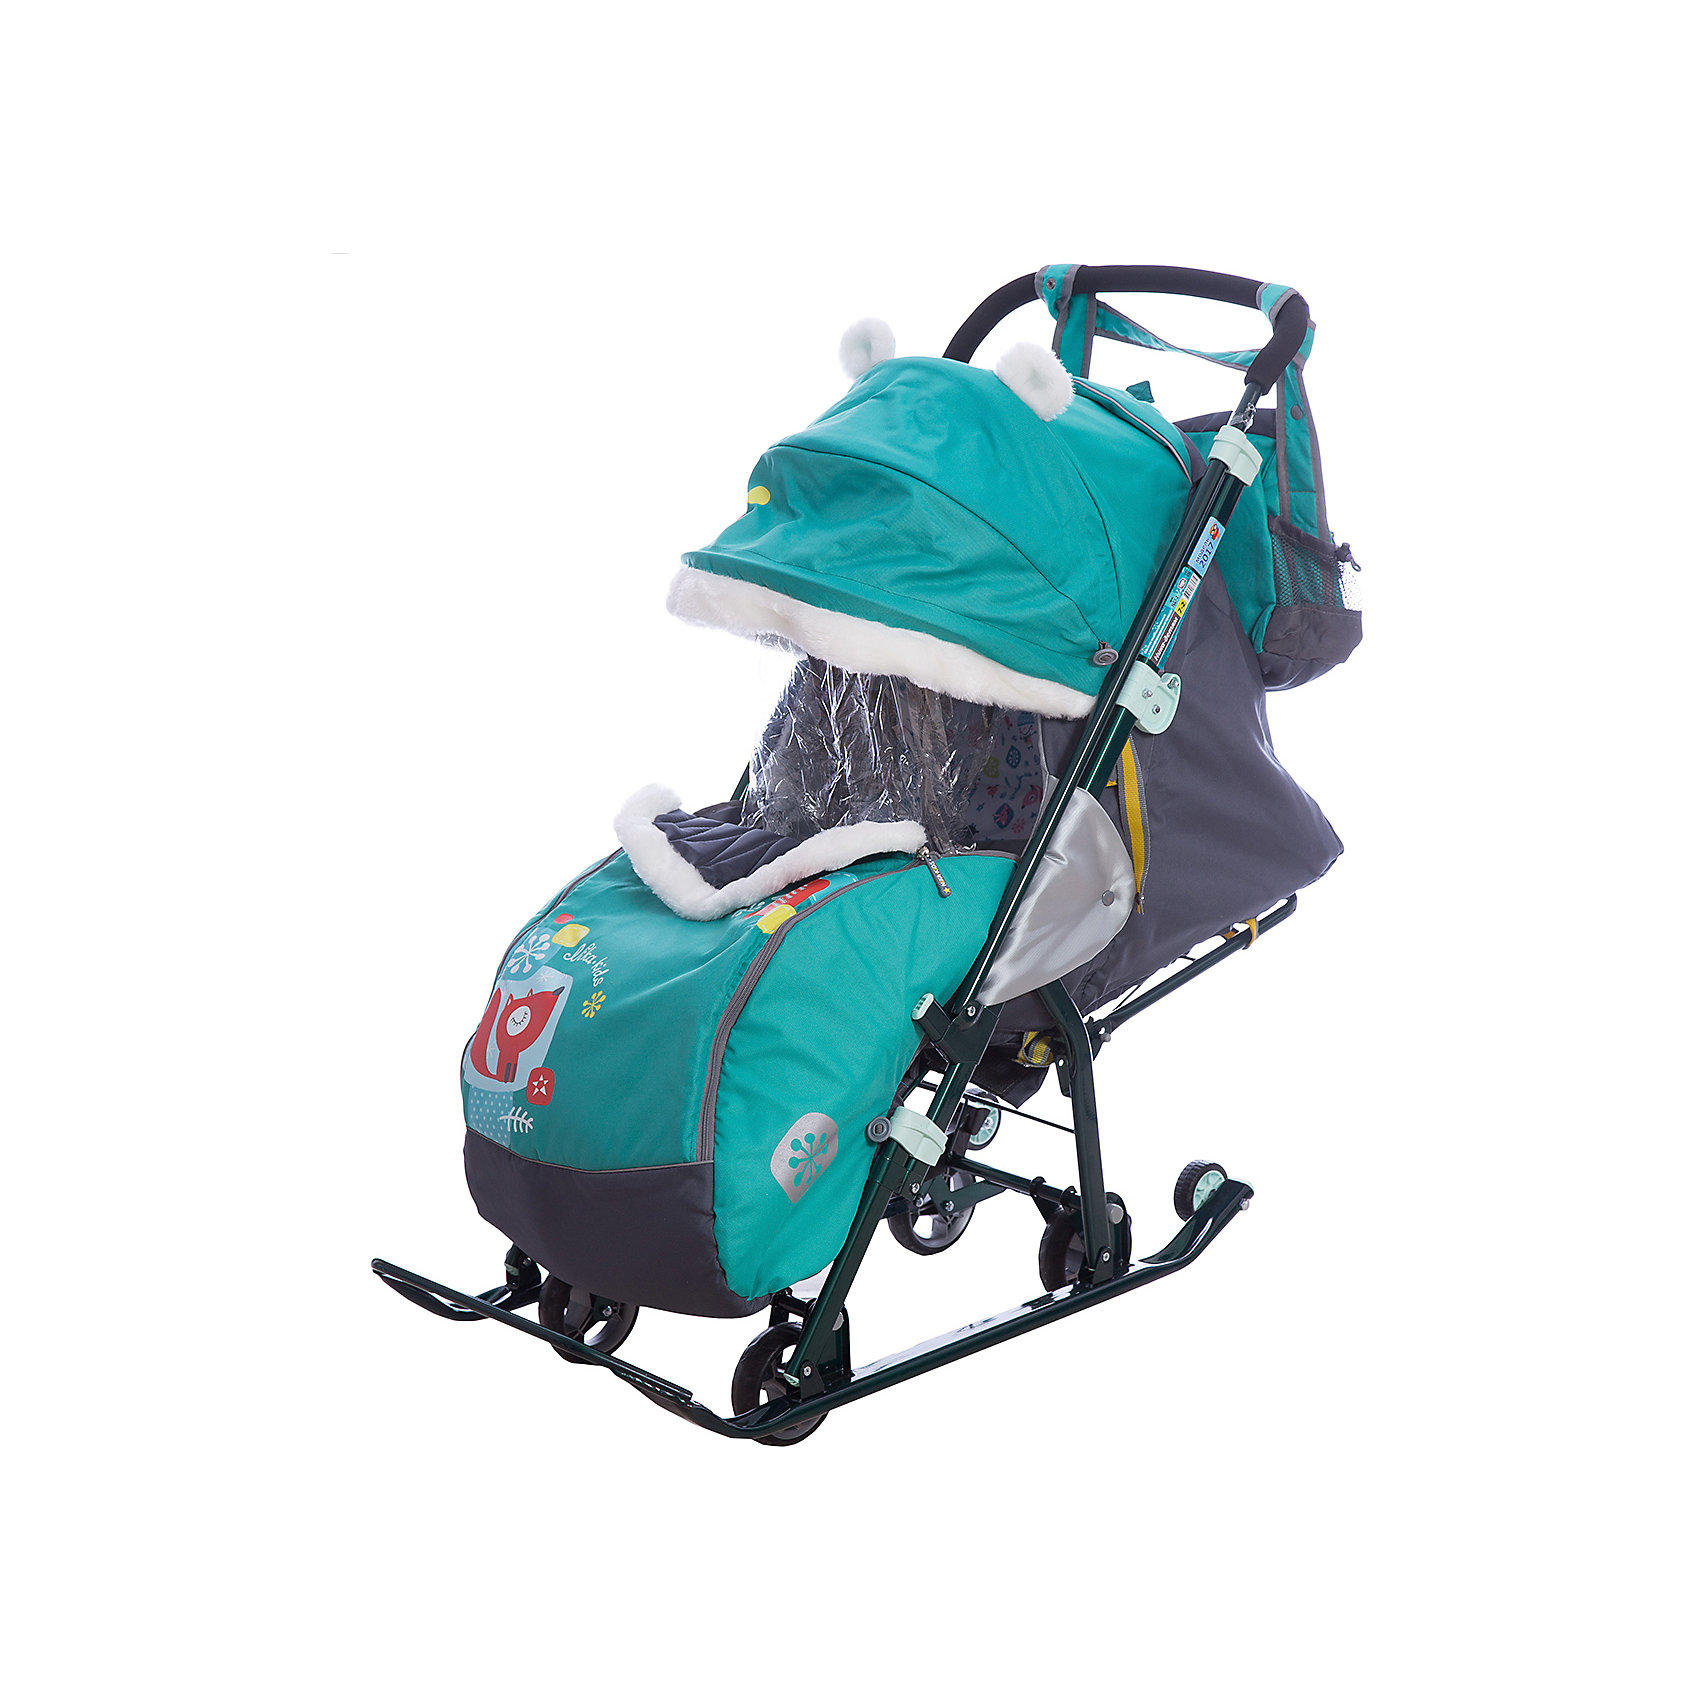 Санки-коляска Ника детям  7-2 (2017), Коллаж-лисички, изумрудС 4 колесиками<br>Санки-коляска Ника детям  7-2 (2017), Коллаж-лисички, изумруд<br><br>Коляска комбинированная с трансформируемым кузовом позволяет передвигаться по любой дороге. Нажатием ноги на педаль опускаются колеса, и вы можете везти коляску по асфальту или по гладкому полу. Еще одно нажатие — коляска трансформируется в санки и снова скользить по снегу! Крыша, чехол для ножек и ушки на крыше отделаны мехом, на ручку коляски надеваются меховые рукавички для мамы. Яркие детские рисунки на чехле для ног с двумя молниями.<br><br>• механизм смены полозьев на колеса<br>• плоские полозья 40 мм с большими обрезиненными колесами<br>• пятиточечный ремень безопасности<br>• складной высокий трехсекционный козырек с декоративными ушками<br>• спинка регулируется до положения лежа<br>• подножка с регулируемым наклоном ног, позволяющая ребенку в положении лежа комфортно вытягивать ножки<br>• перекидная ручка<br>• чехол для ног с 2-мя молниями для удобного открывания с двух сторон<br>• широкое посадочное место 385 мм<br>• ширина полозьев 445 мм<br>• ширина колесной базы 280 мм<br>• высота санок на полозьях 1000 мм<br>• высота санок на колесах 1060 мм<br>• смотровое окошко для наблюдения за ребенком<br>• светоотражающий кант<br>• удобная, вместительная сумка с кармашками для полезных мелочей<br>• меховые рукавички для мамы<br>• размер в сложенном положении 1105х445х280 мм<br>• вес изделия 10,3 кг<br><br><br>В моделях 2017 года:<br>• новый дизайн сумки с кармашками для полезных мелочей<br>• съемный прозрачный тент от ветра и дождя с двумя молниями, крепится к чехлу коляски на пуговицу для исключения продувания<br>• возможность крепления тента на козырьке коляски с помощью пуговицы для удобства доступа к ребенку<br>• цветной каркас изделия<br>• цветной пластик<br><br>Санки-коляска Ника детям  7-2 (2017), Коллаж-лисички, изумруд, можно купить в нашем интернет-магазине.<br><br>Ширина мм: 1150<br>Глубина мм: 470<br>Высота 